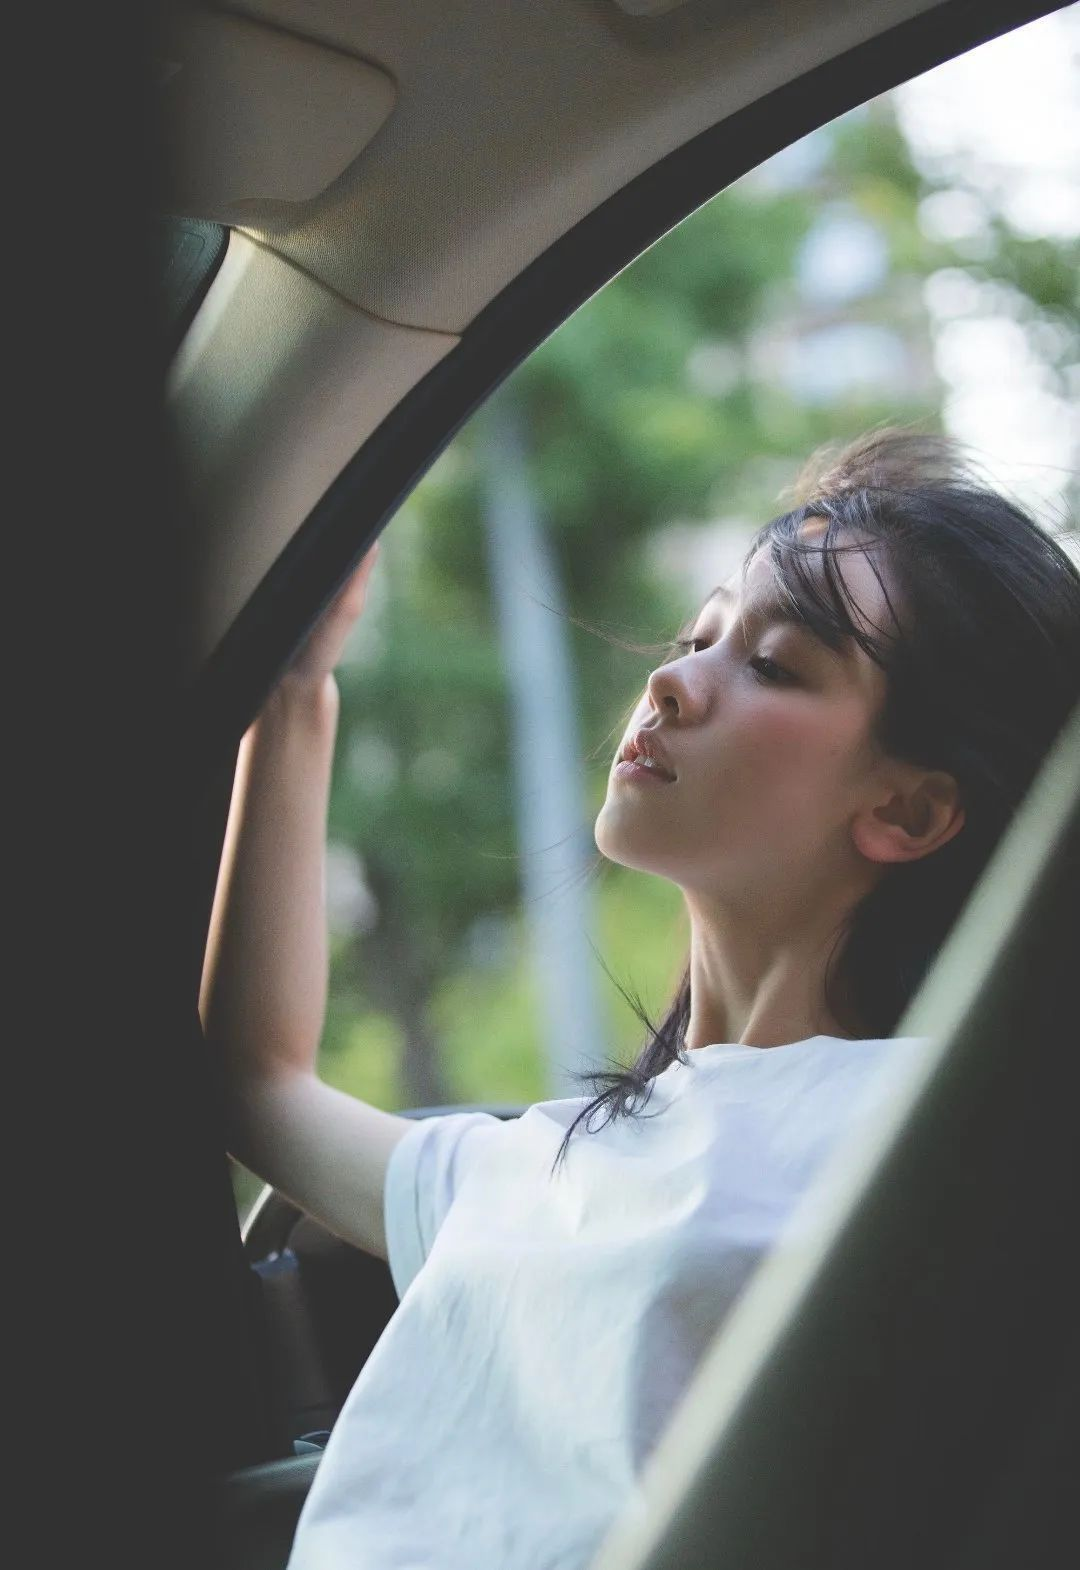 妹子写真 – 理想型的学姐学妹:周也、陈都灵小姐姐_图片 No.3